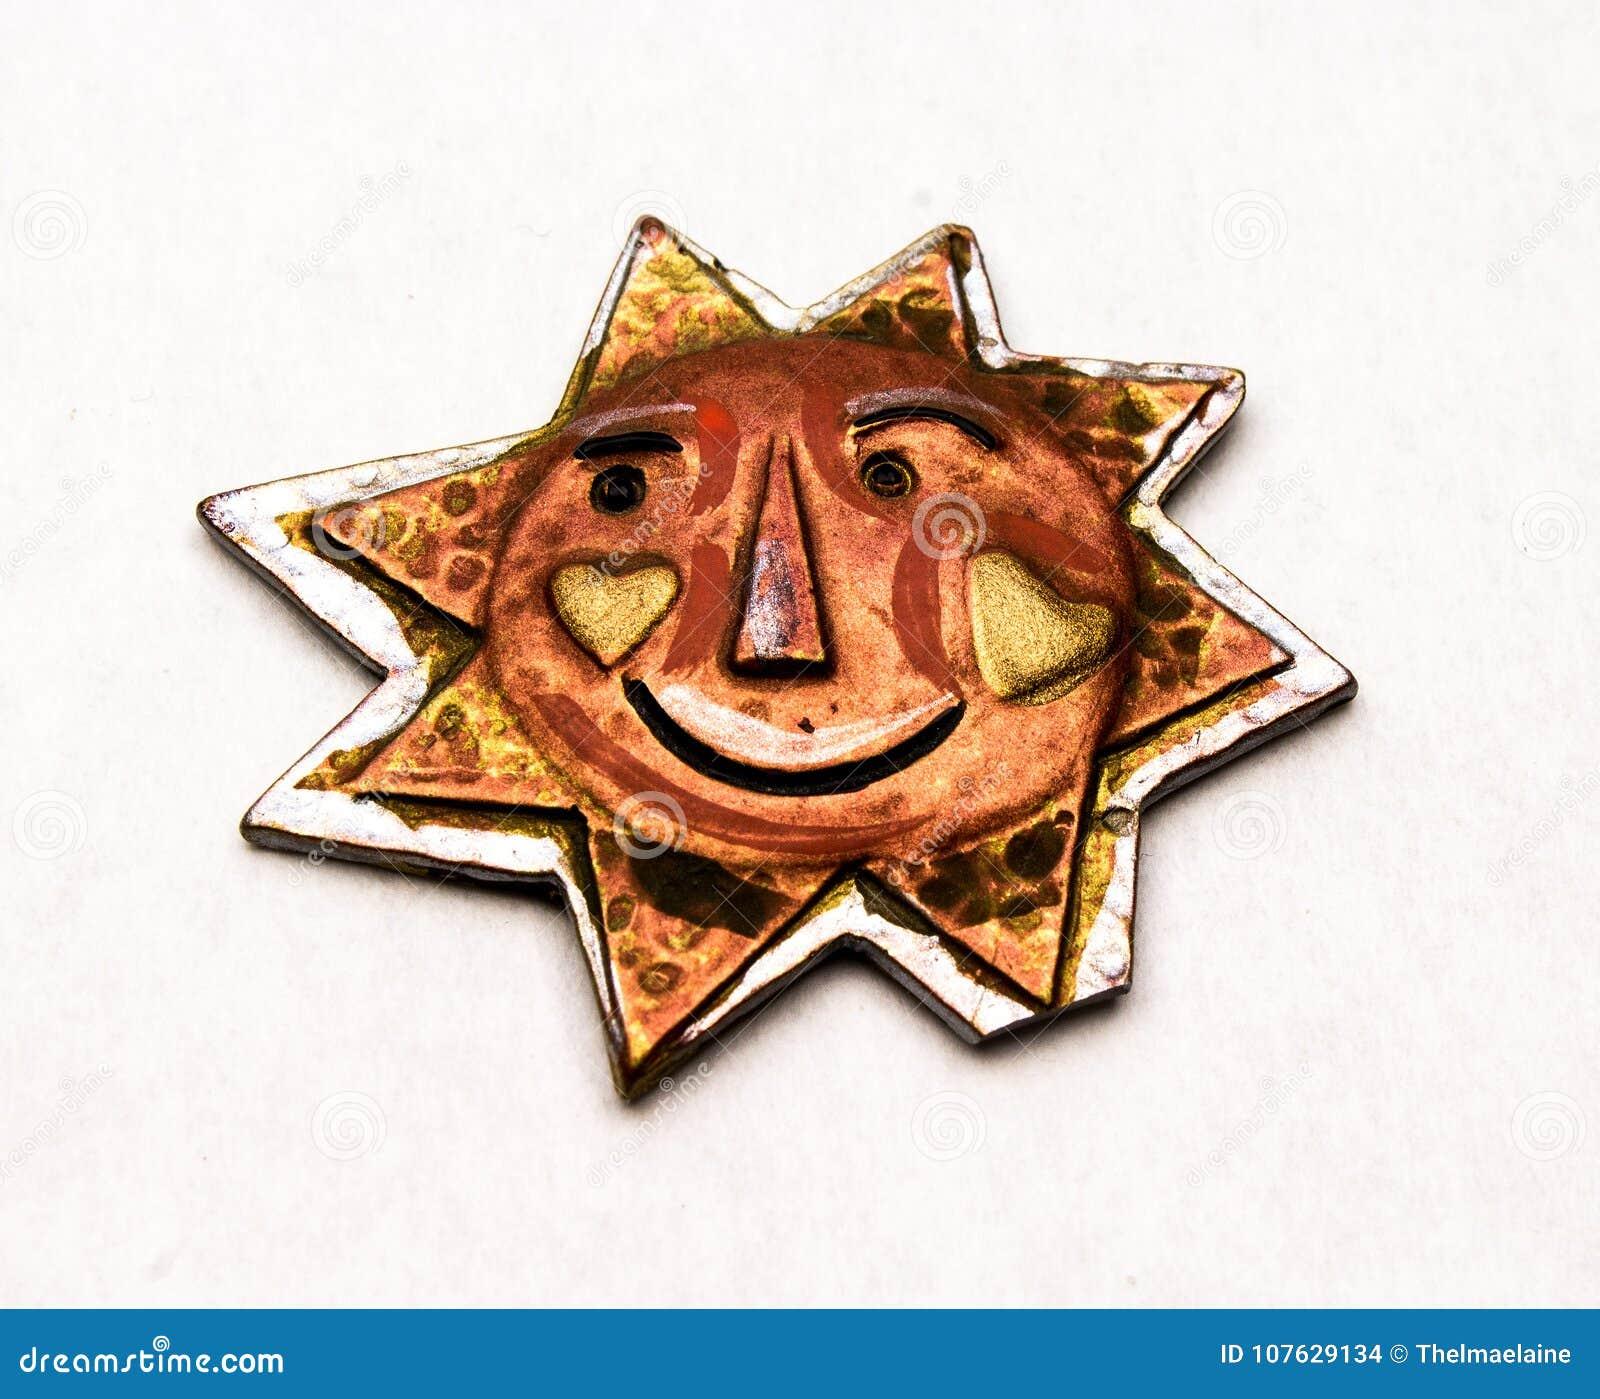 Χειροποίητος ήλιος χαλκού και μετάλλων με ένα πρόσωπο χαμόγελου